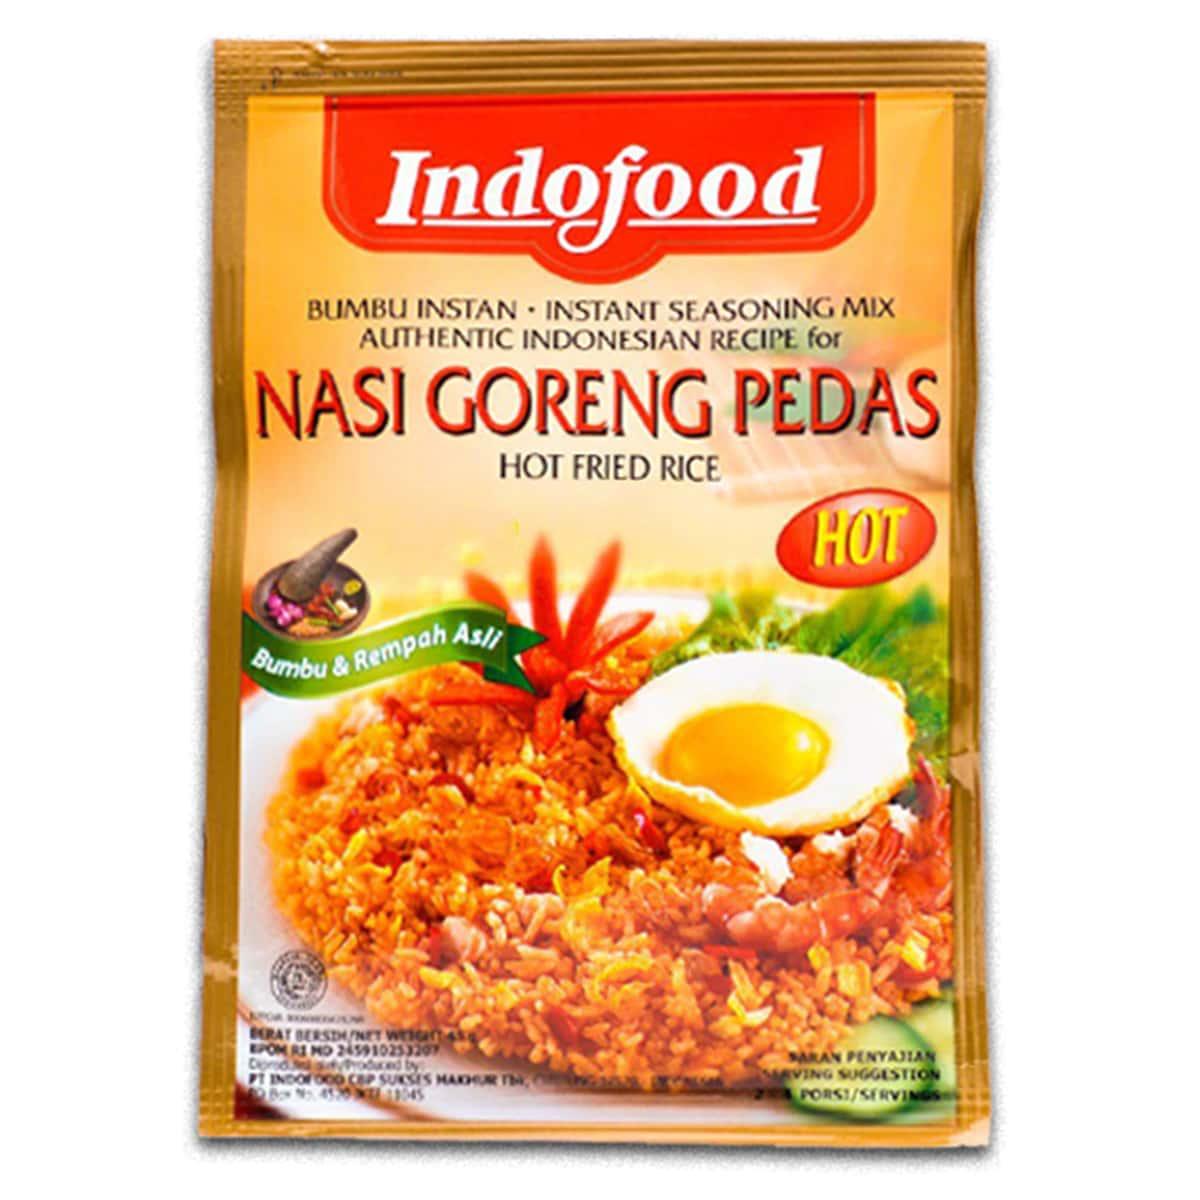 Buy Indofood Nasi Goreng Pedas (Hot Fried Rice) - 45 gm